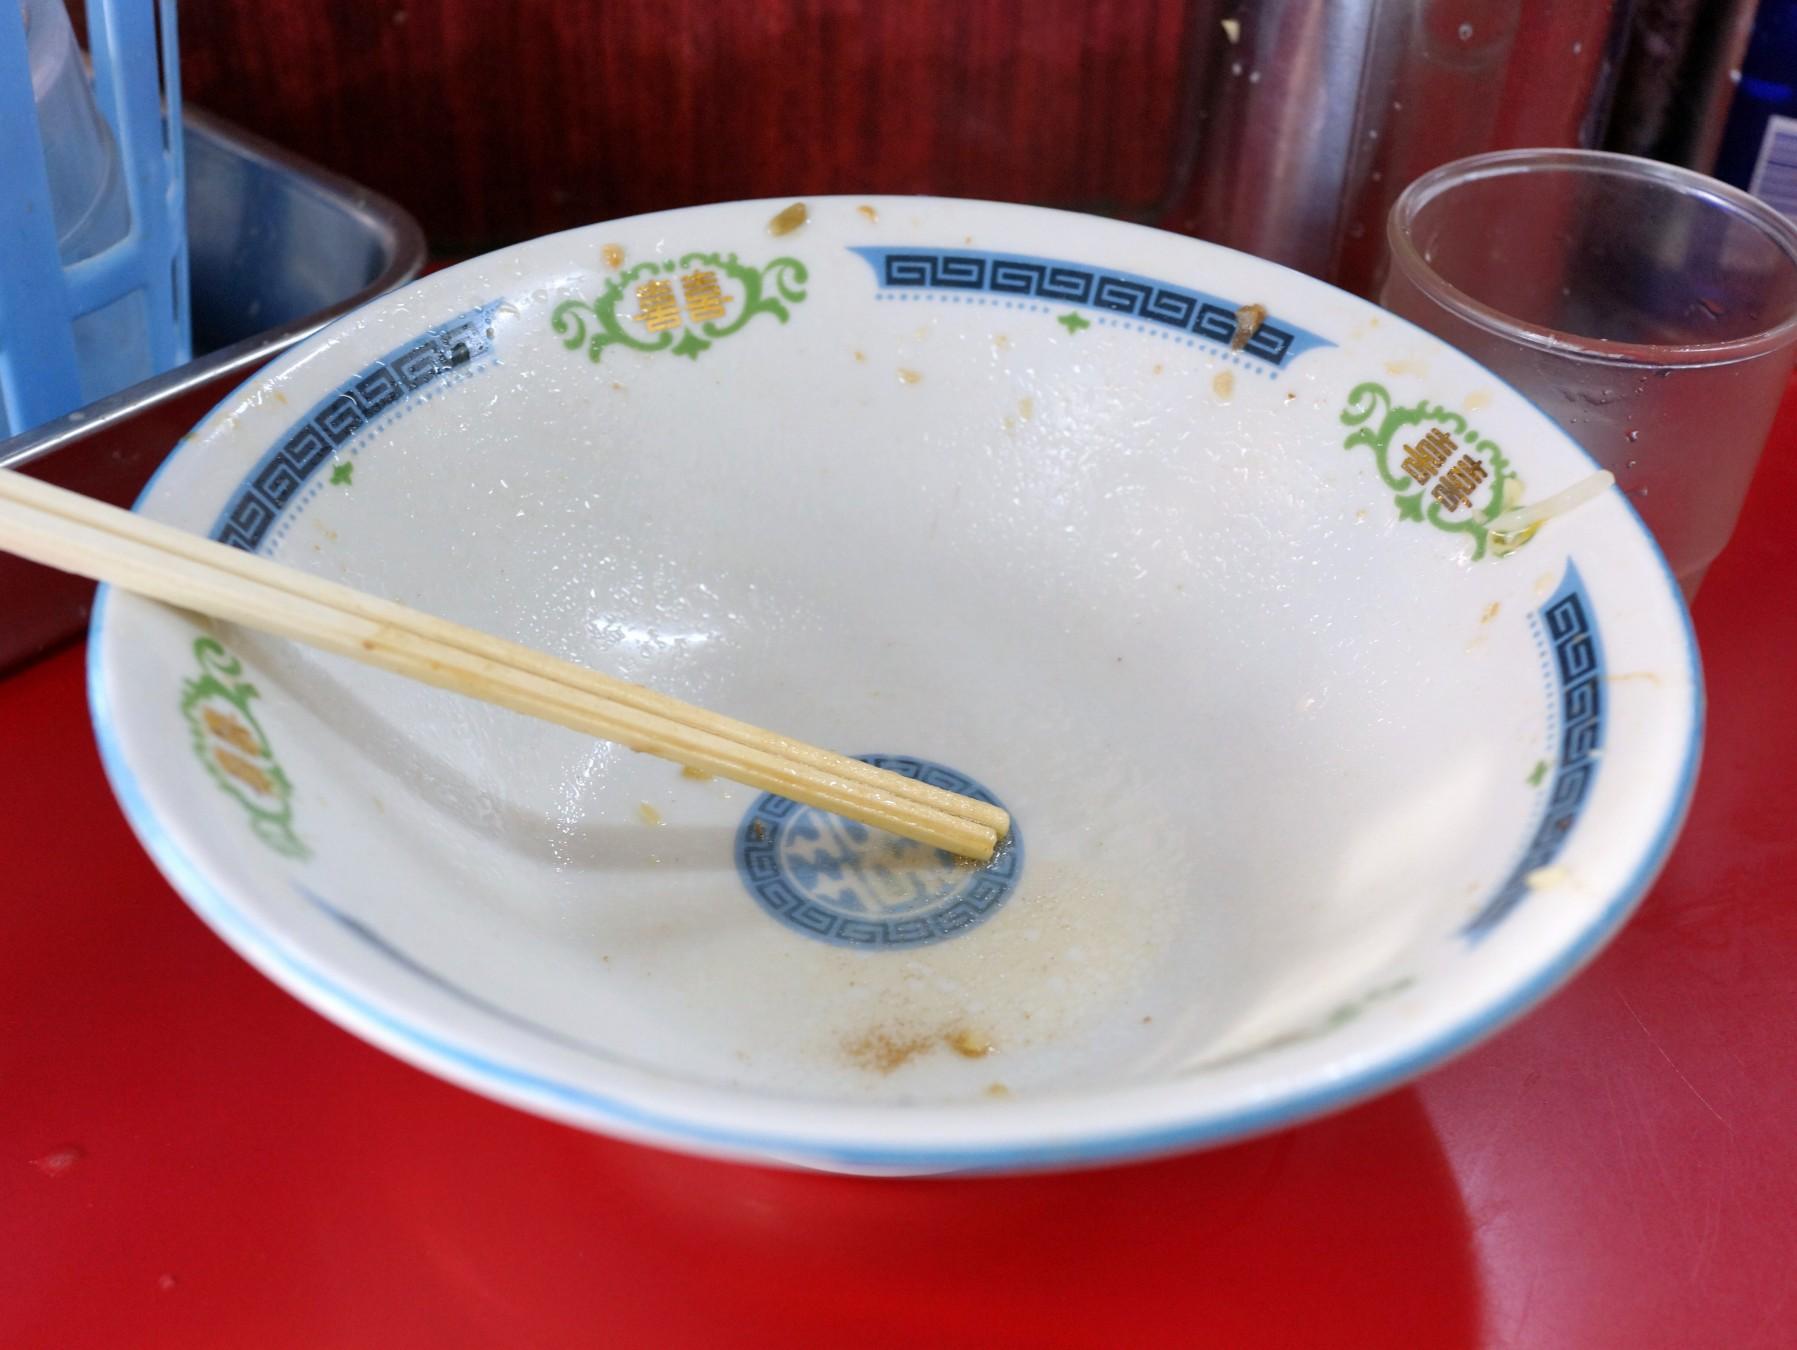 トンキンはこんなラーメンを列を作り有り難がって食ってるらしい [無断転載禁止]©2ch.net [247120801]->画像>288枚